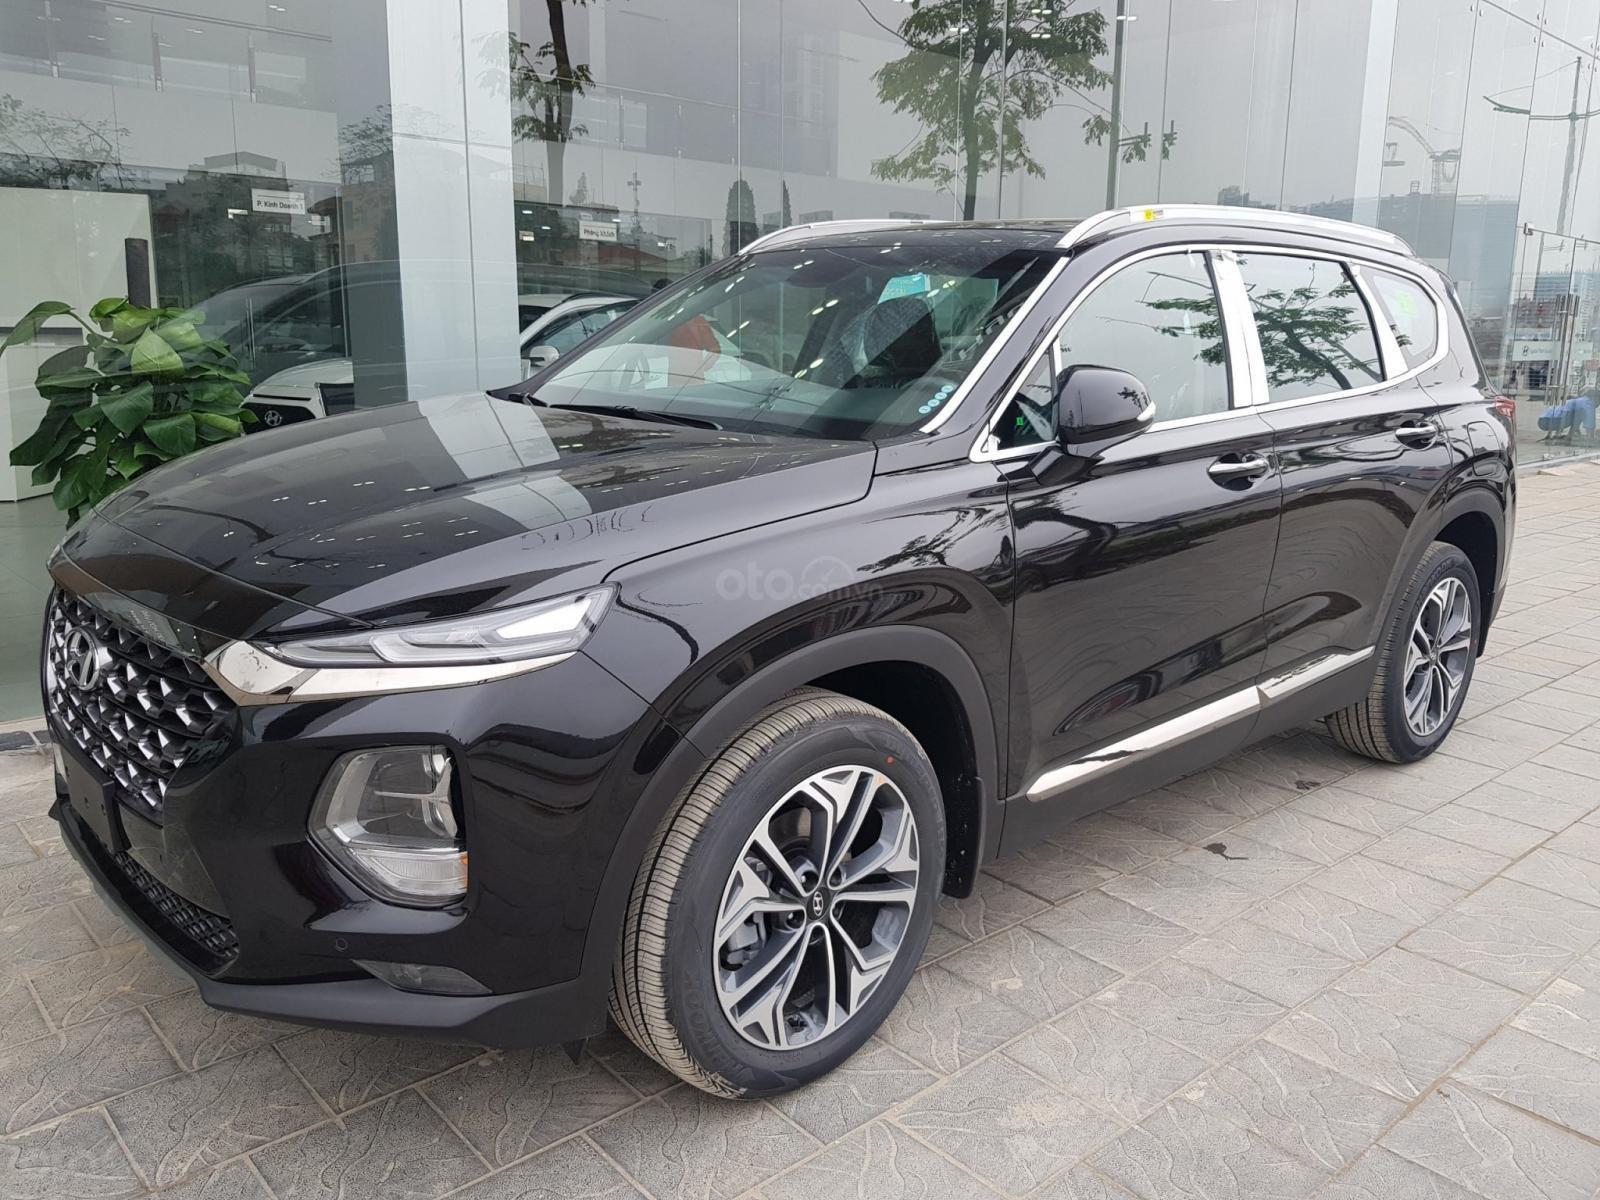 Hyundai Santa Fe 2019 giá tốt nhất đủ màu máy xăng và dầu giao ngay, trả góp 85%, LH 0911406262 (2)